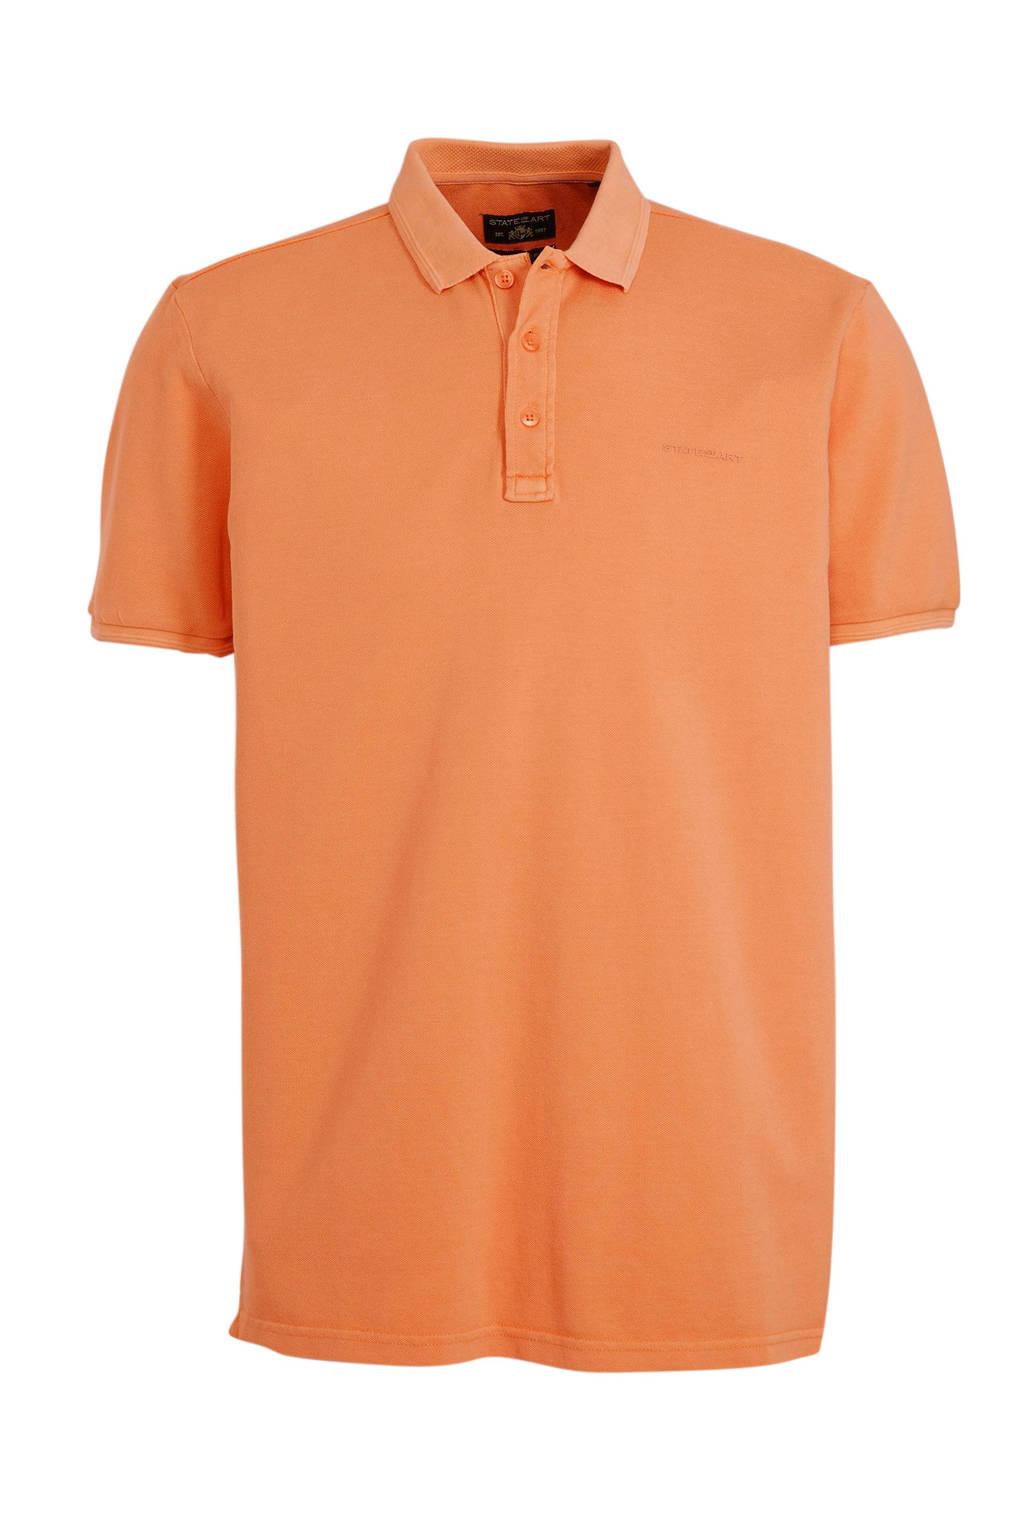 State of Art regular fit polo oranje, Oranje